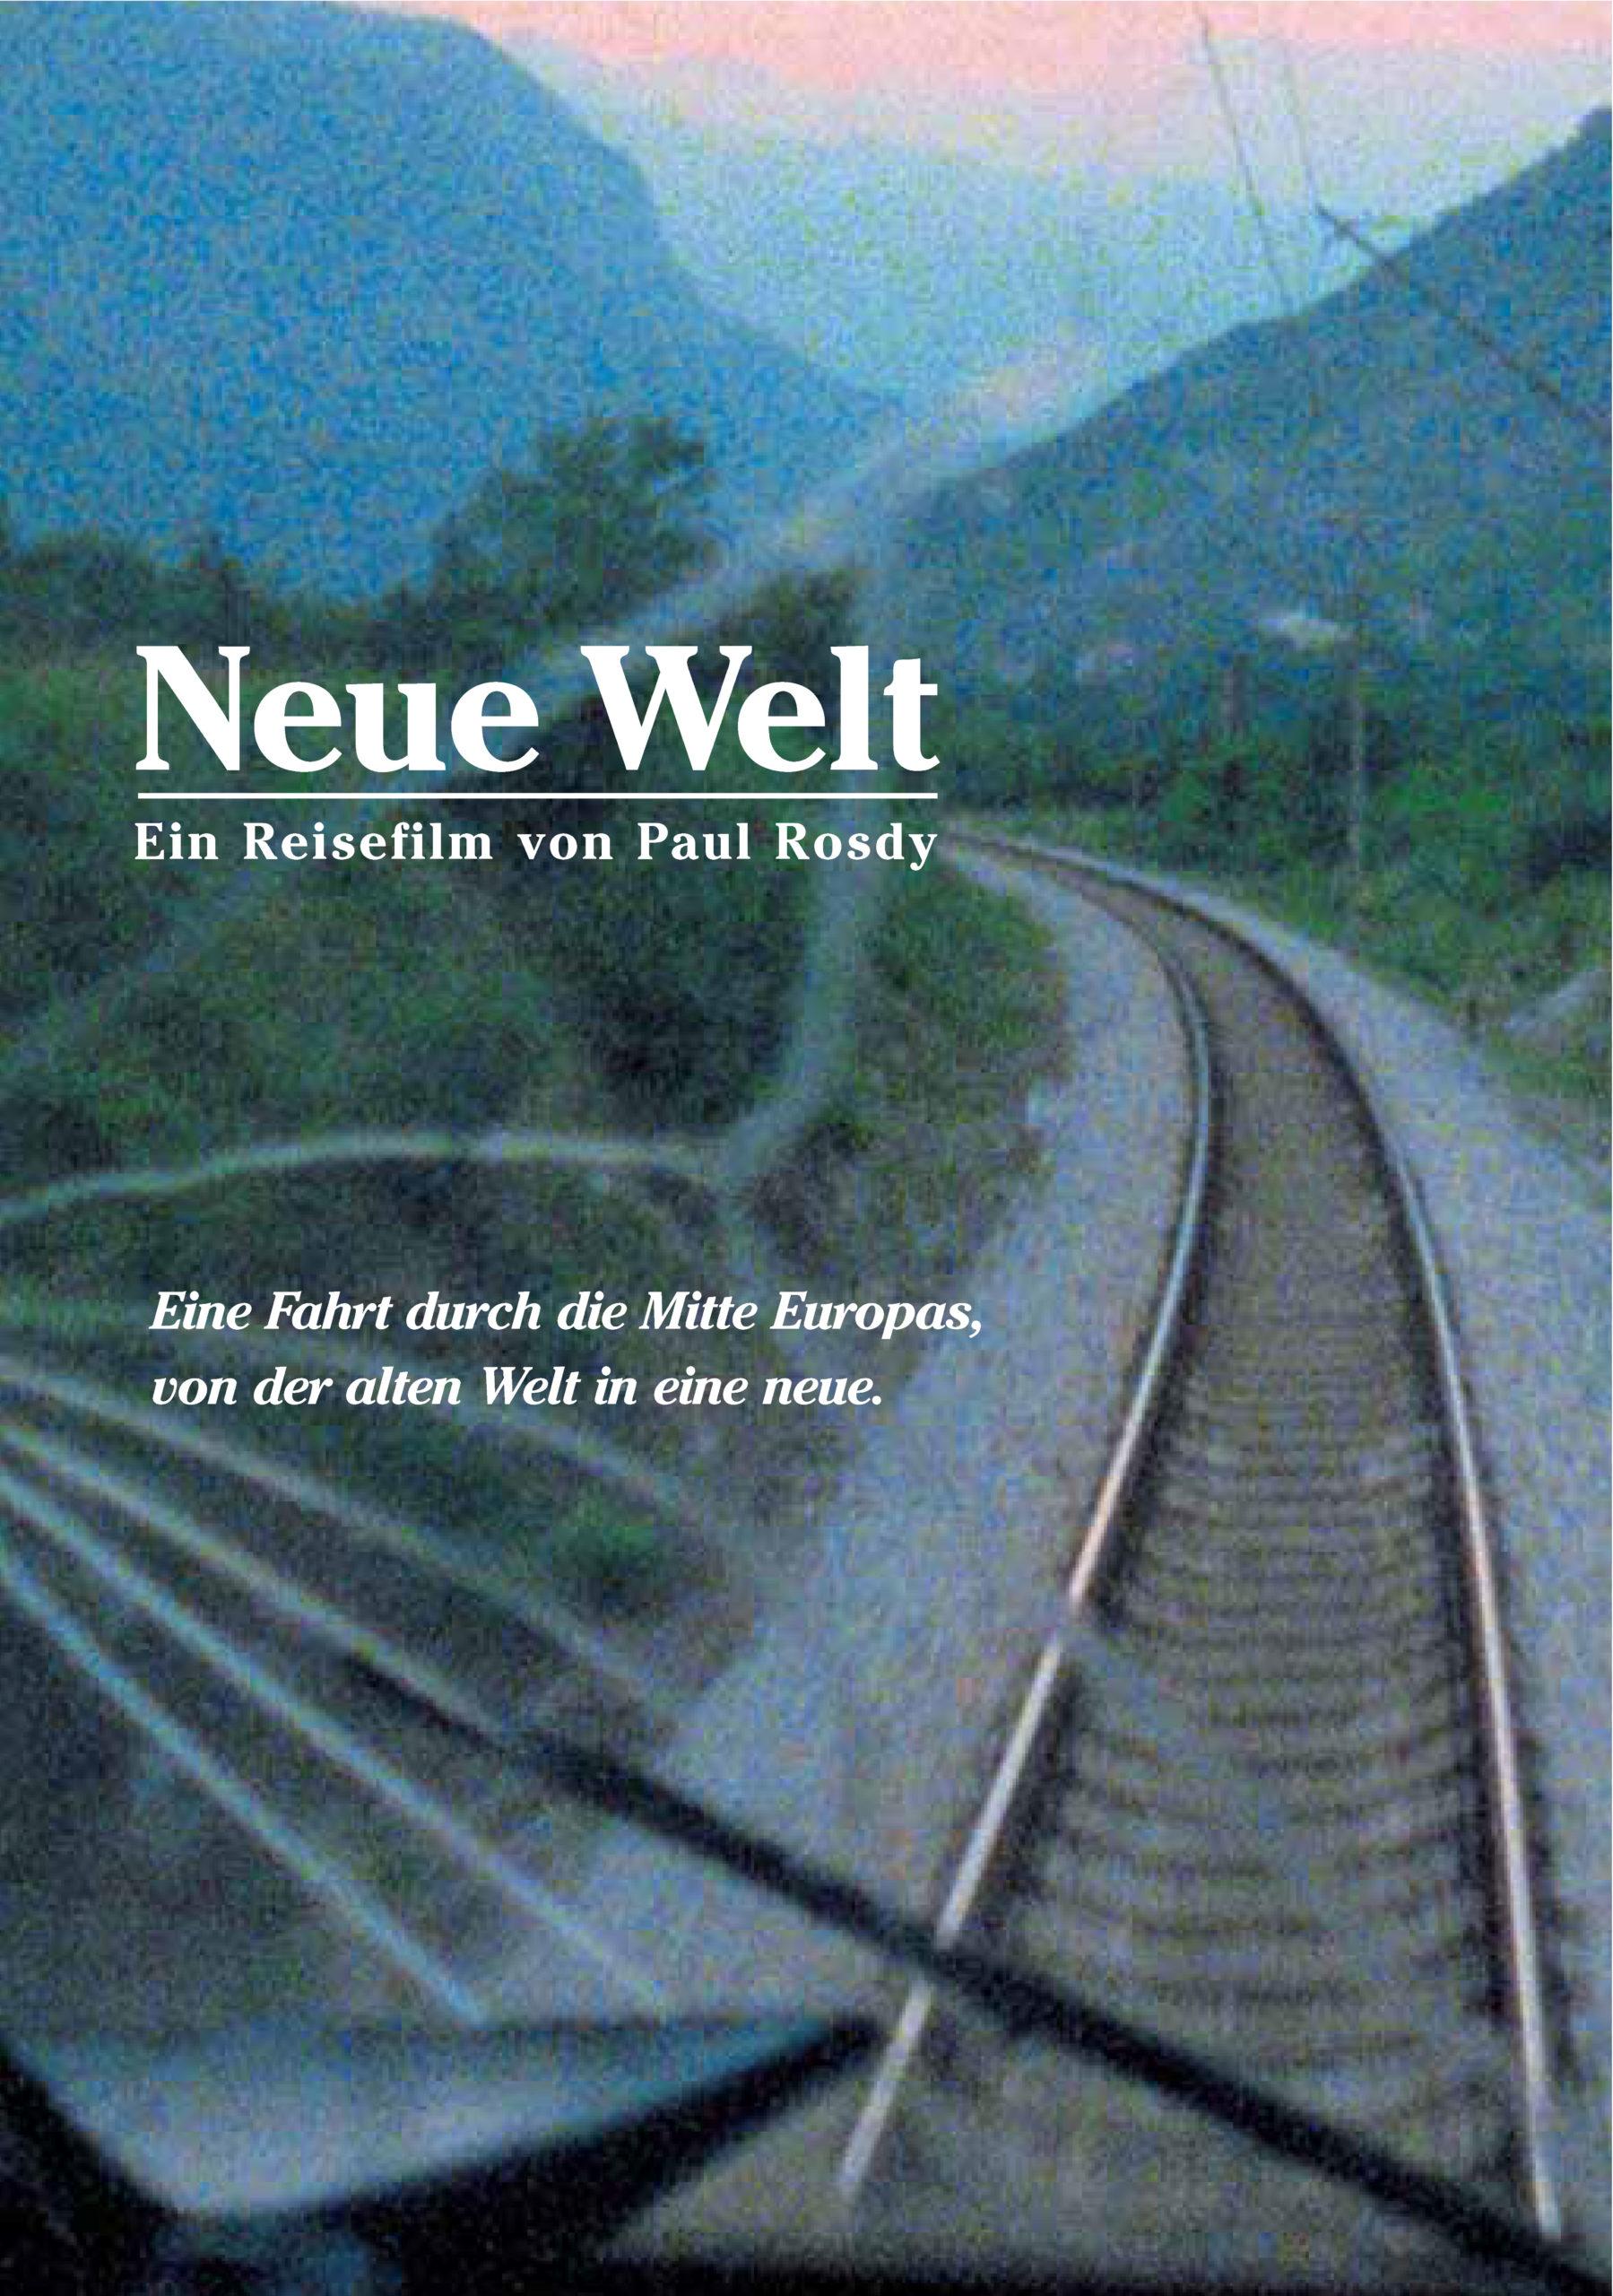 neuewelt_booklet_dvd_Seite_01